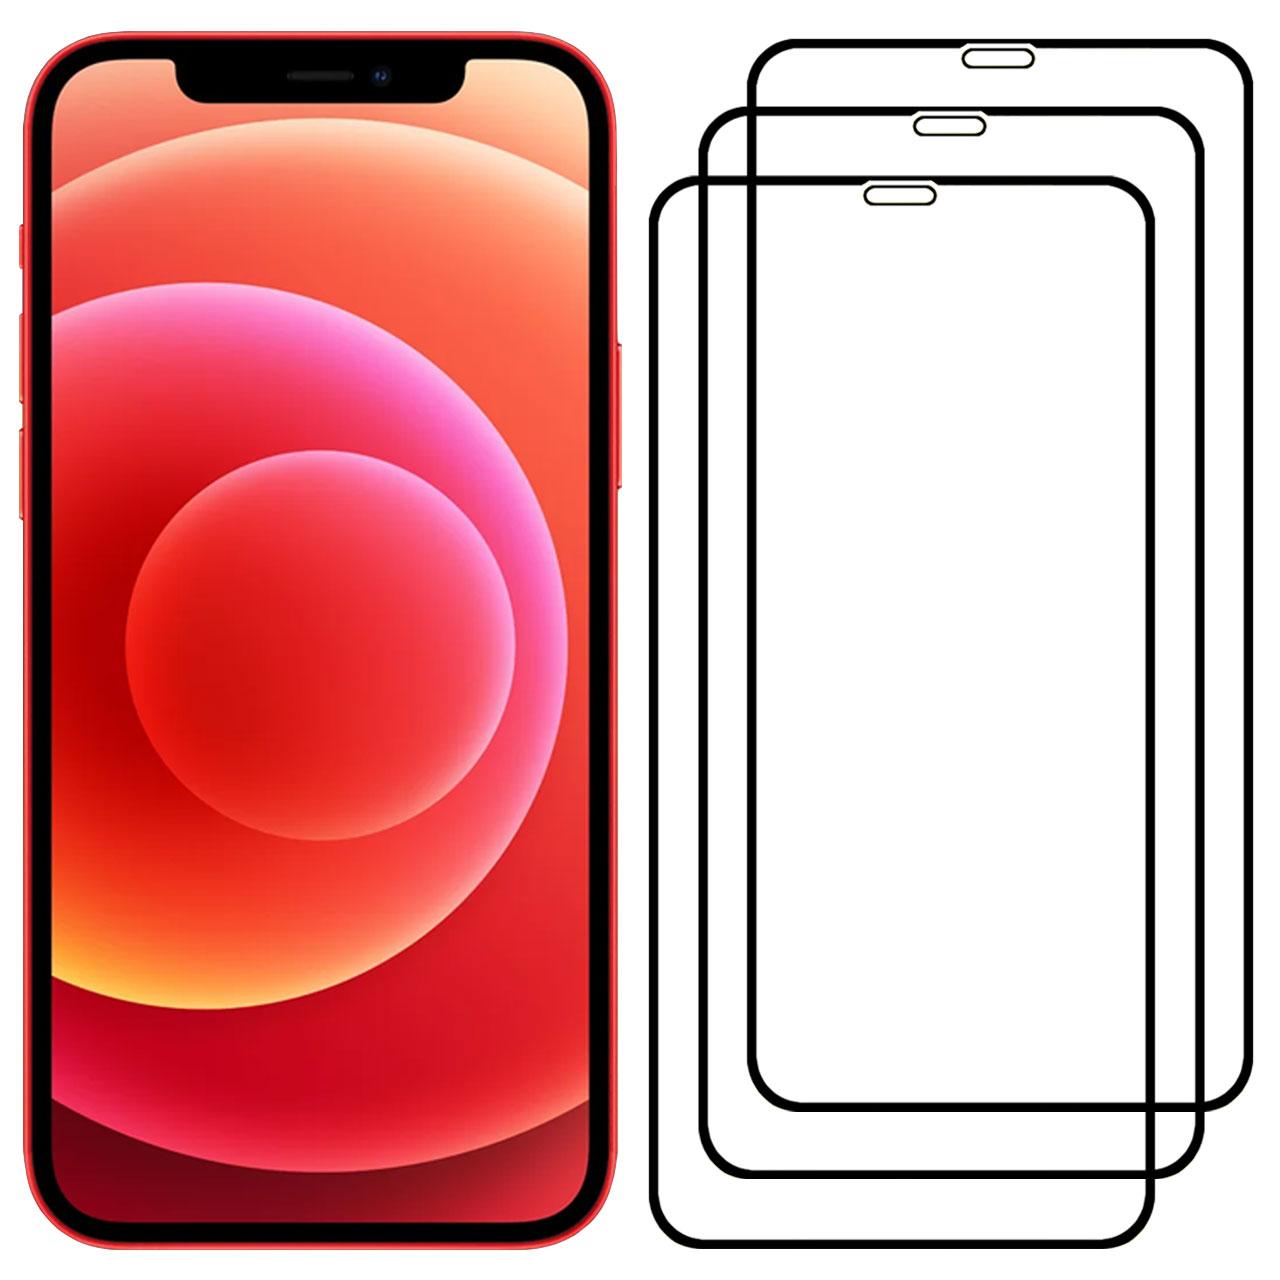 محافظ صفحه نمایش مدل FCG مناسب برای گوشی موبایل اپل iPhone 12 mini بسته سه عددی